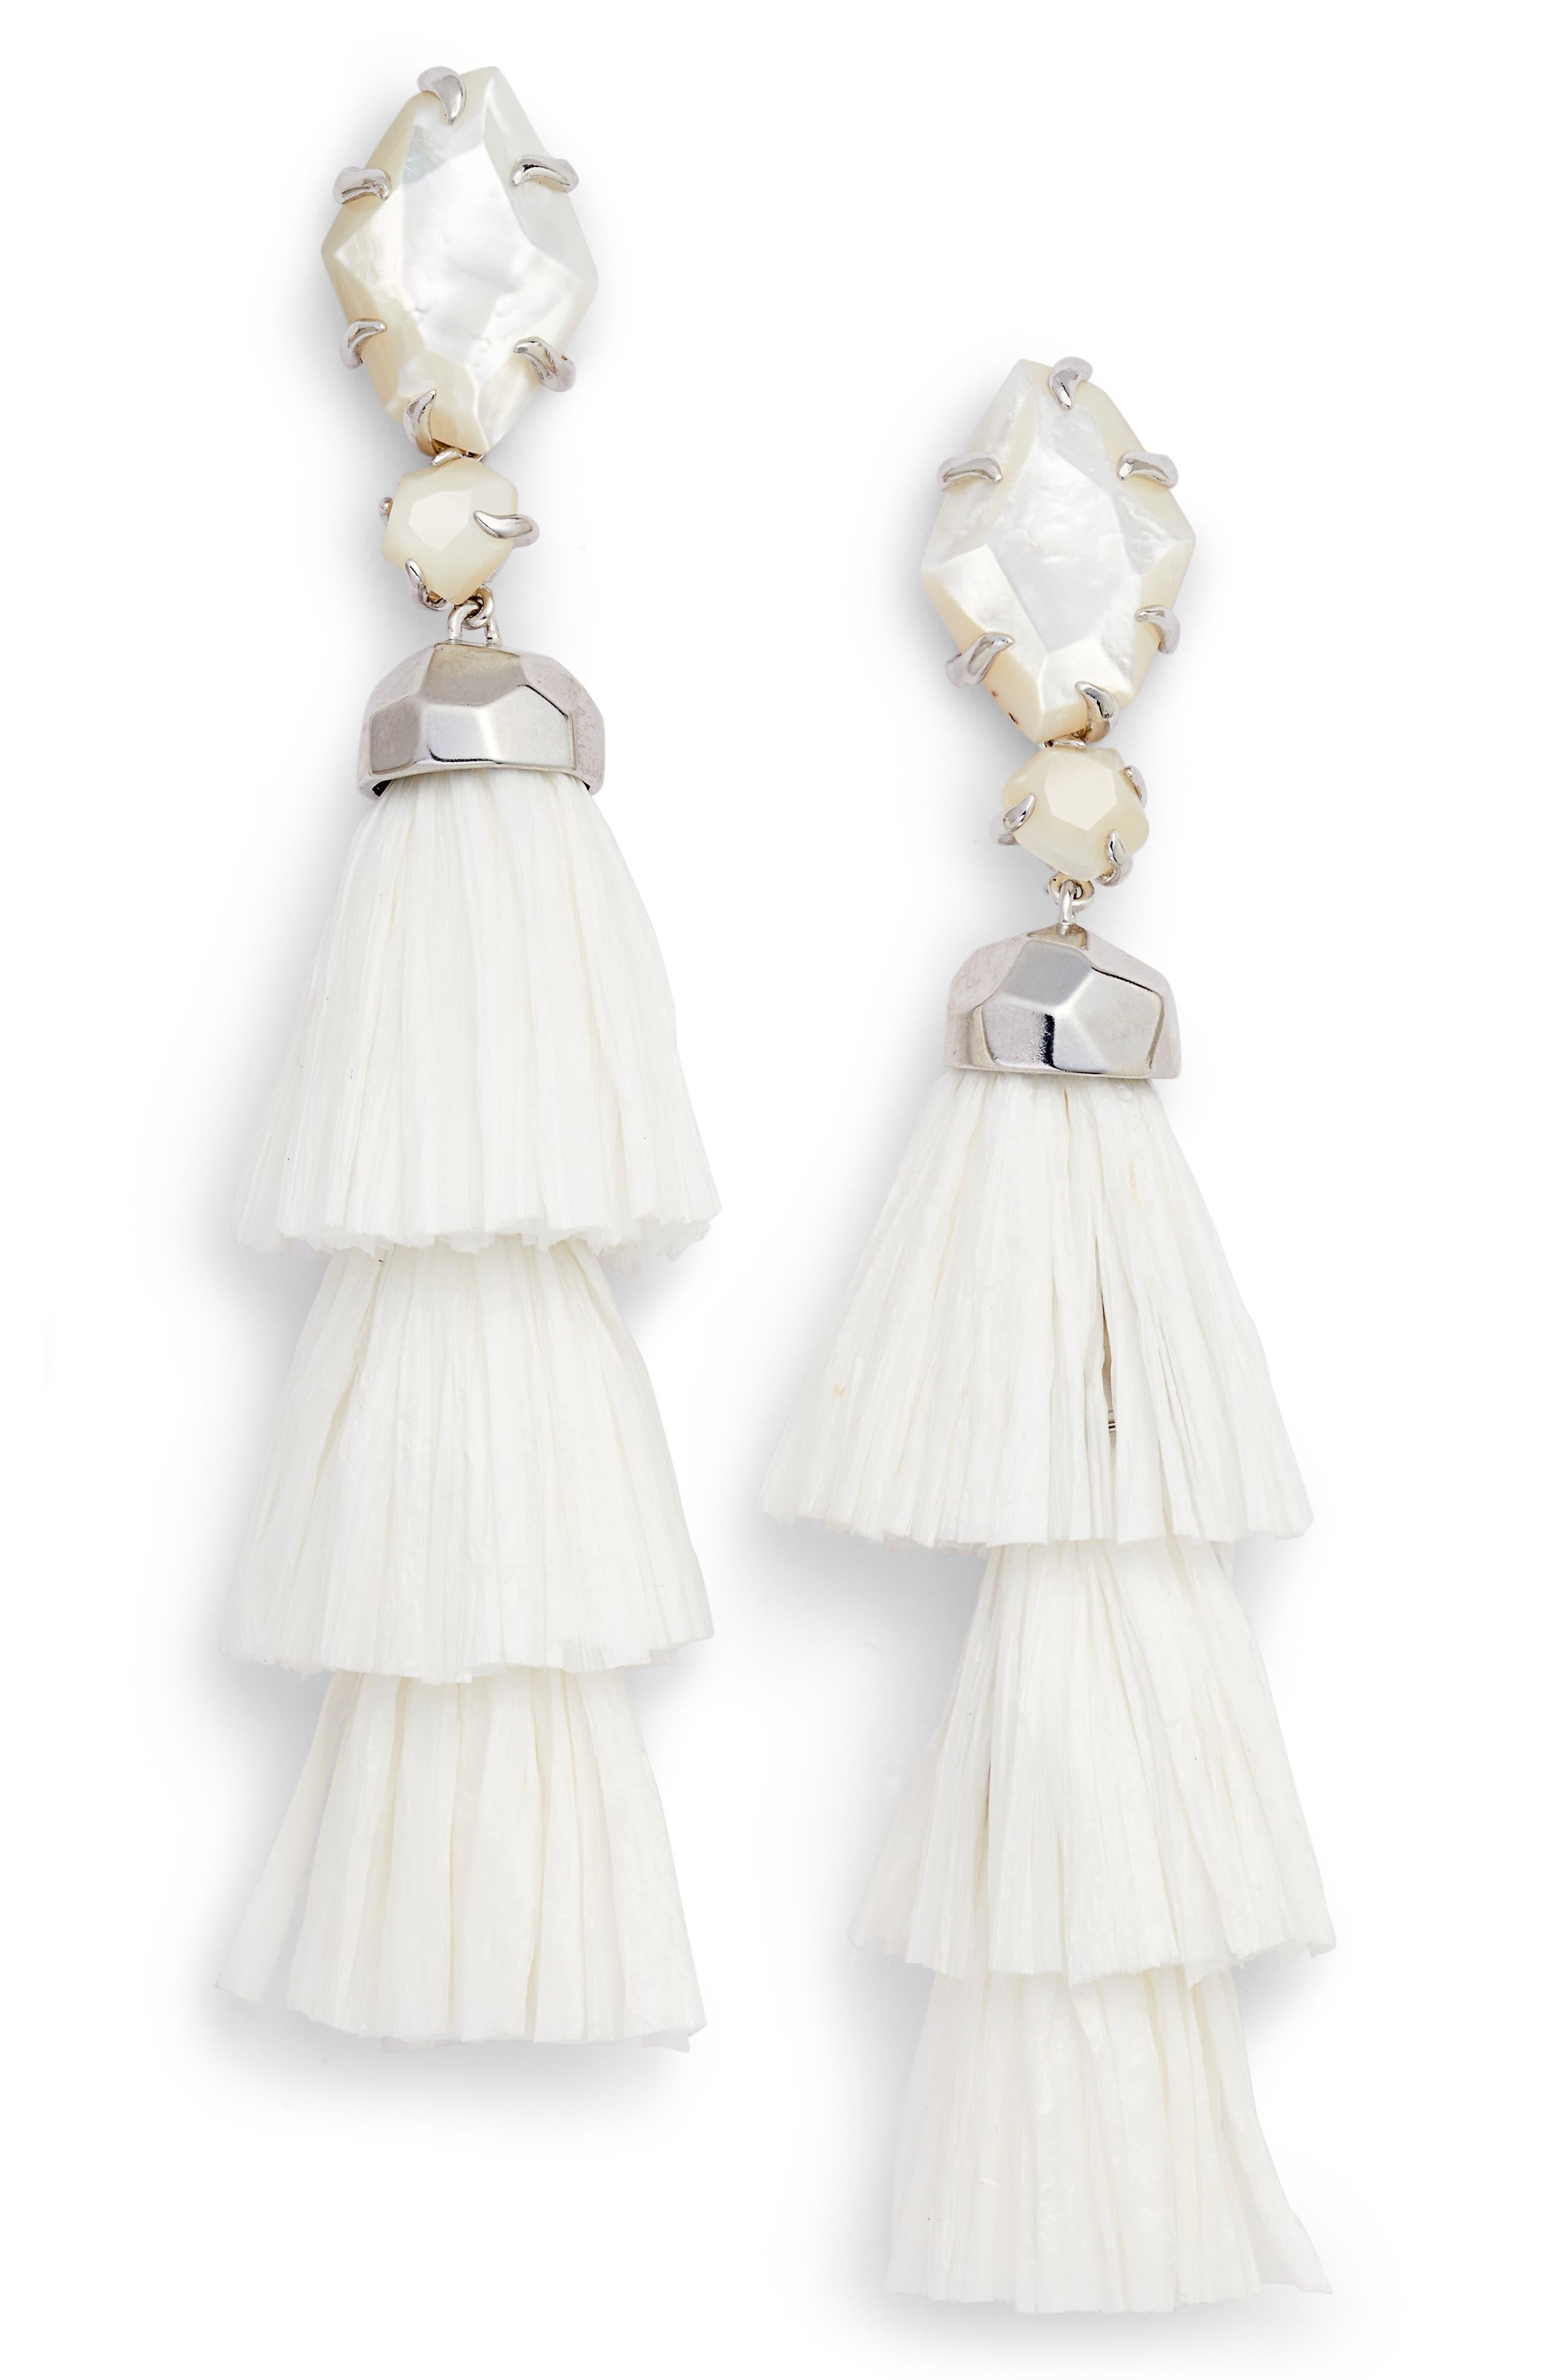 Denise 3-in-1 Tassel Earrings,                             Main thumbnail 1, color,                             100